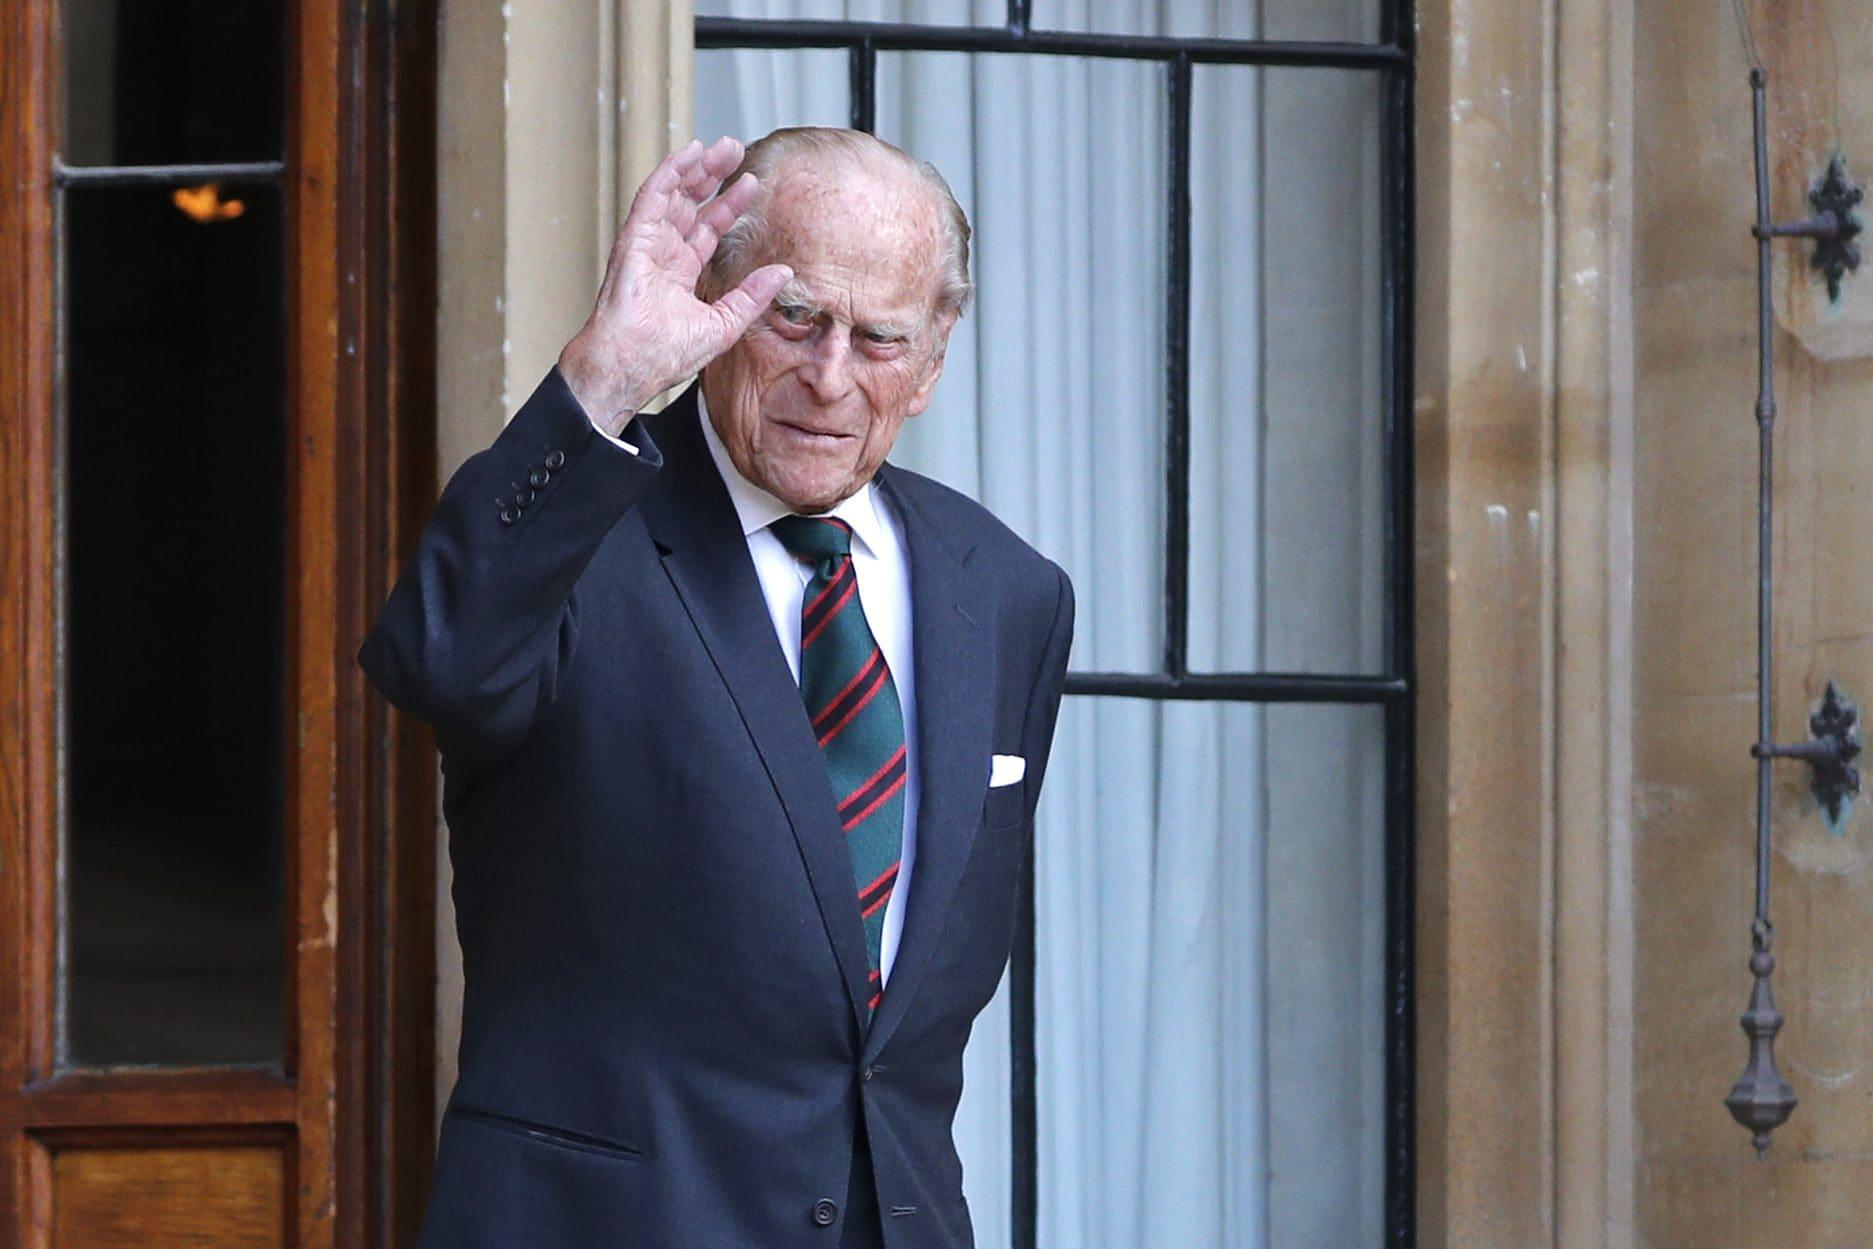 Il principe Filippo con un completo blu e cravatta Regimental